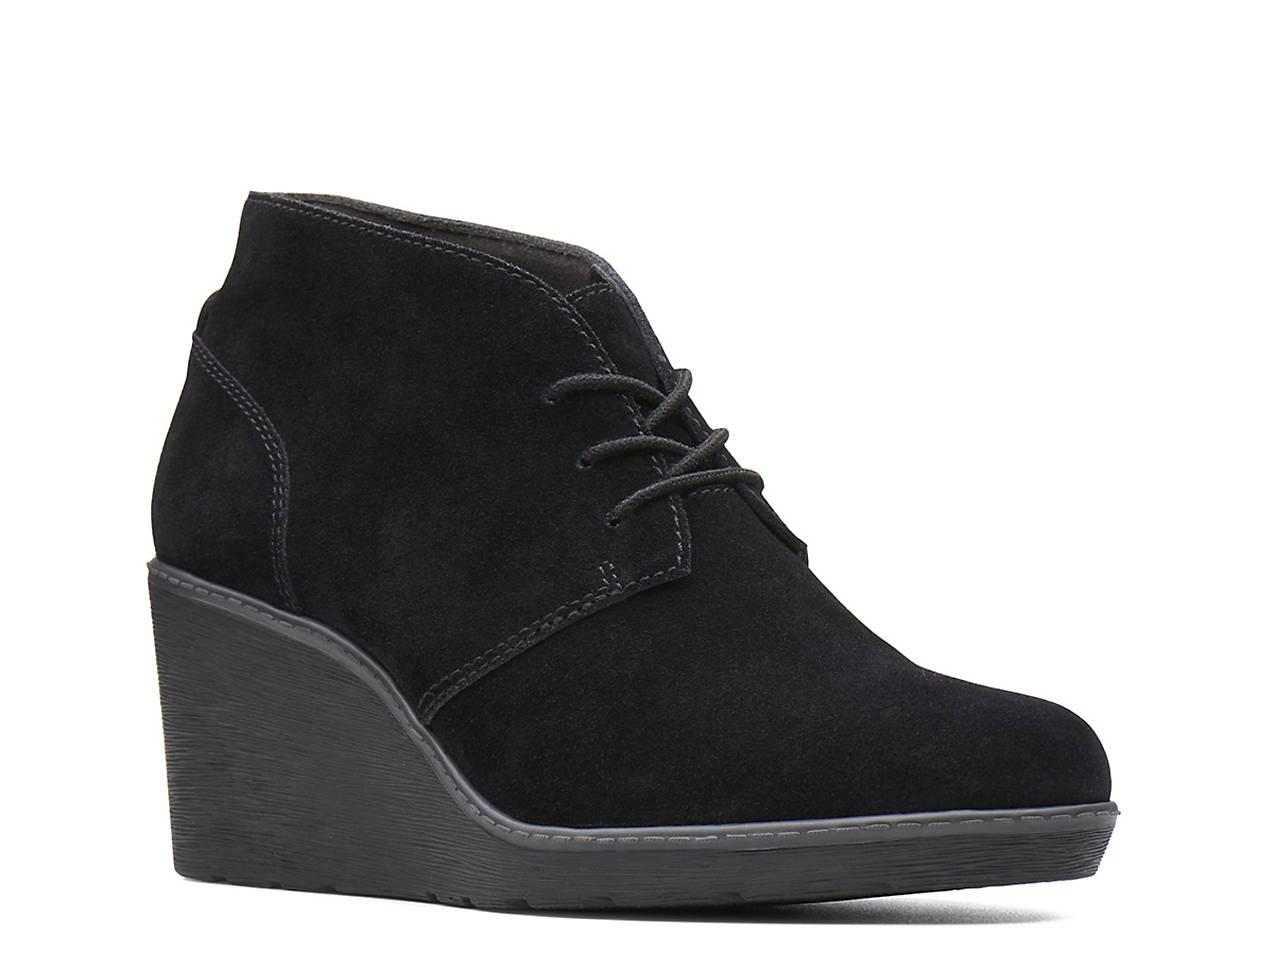 685194c3645 Clarks Hazen Charm Wedge Bootie Women s Shoes